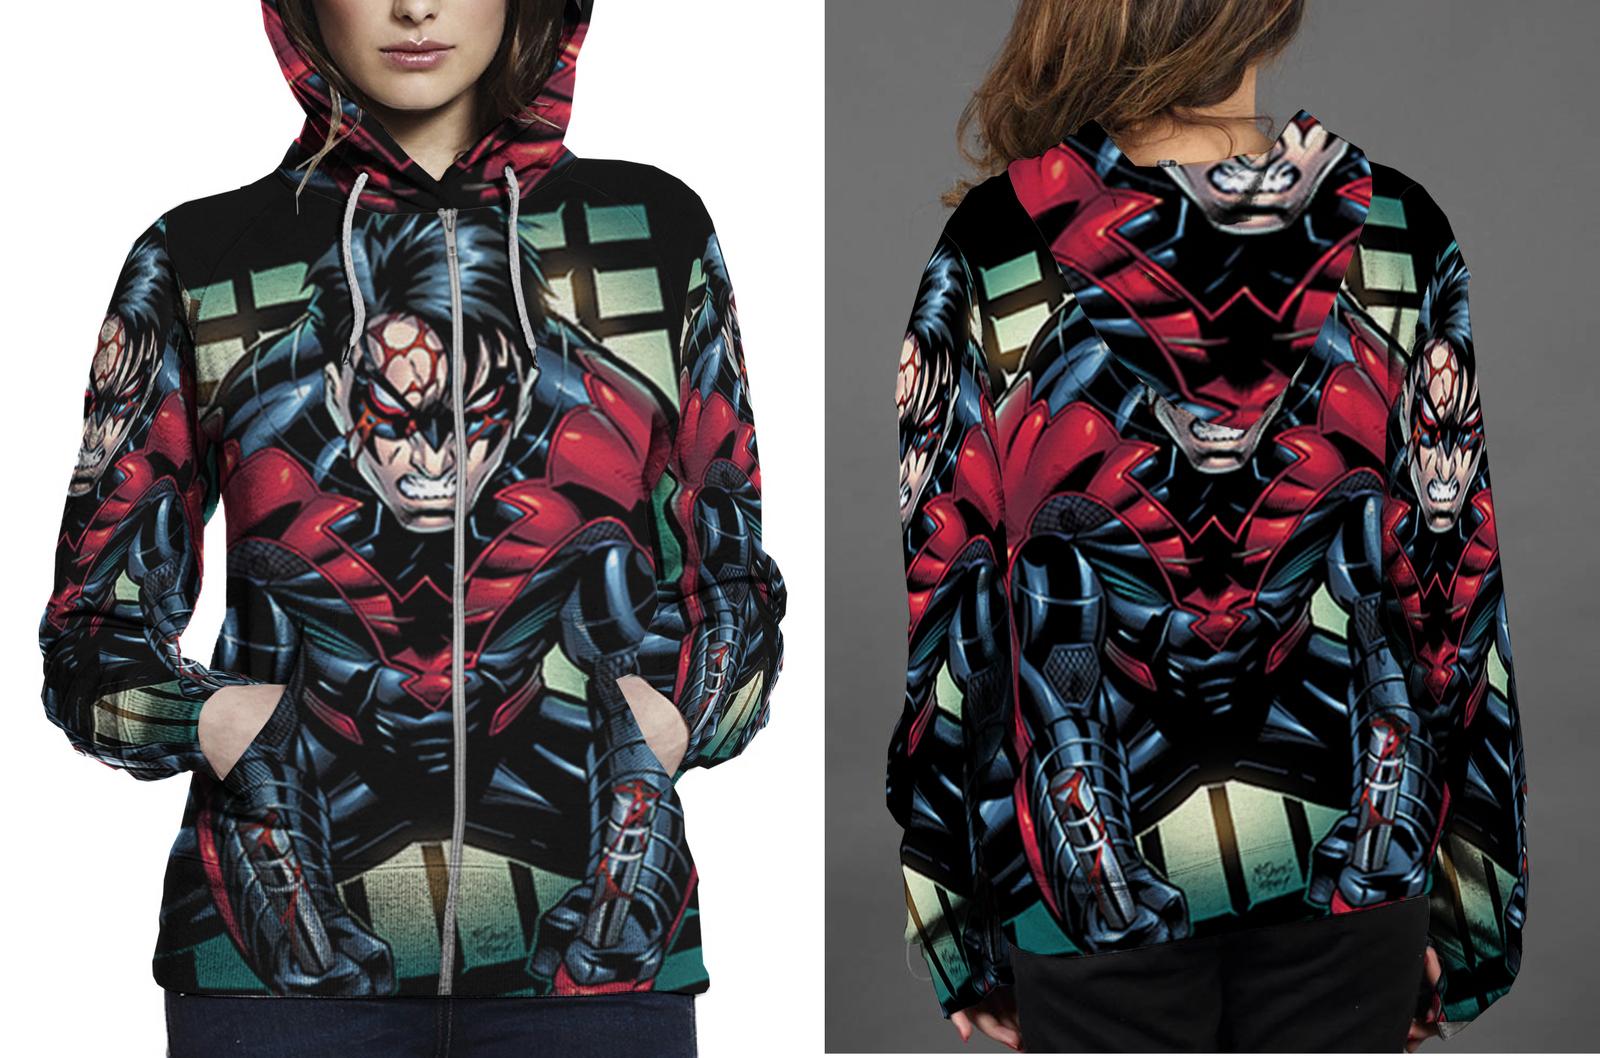 Nightwing in action zipper hoodie women s